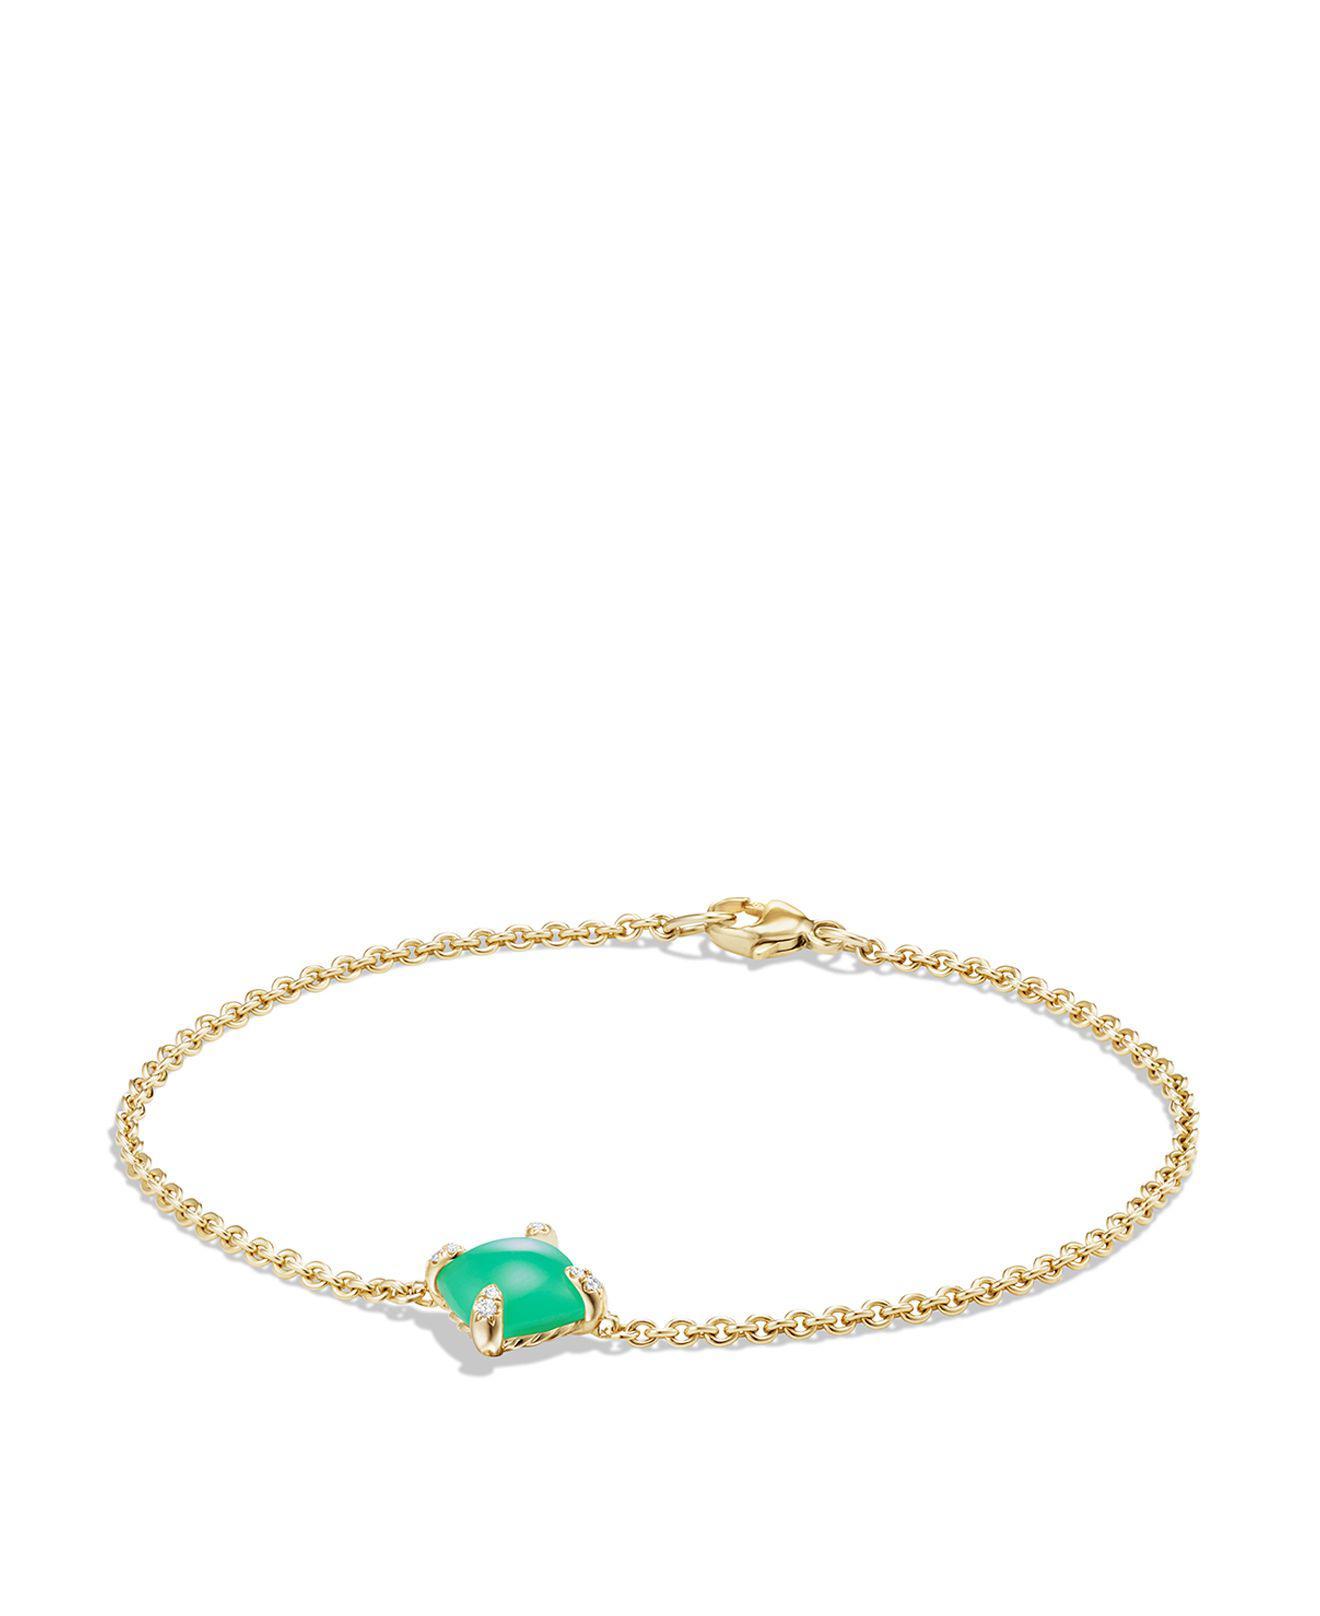 David Yurman 18kt yellow gold Solari chrysoprase bead cuff bracelet - Green 4YiaqK